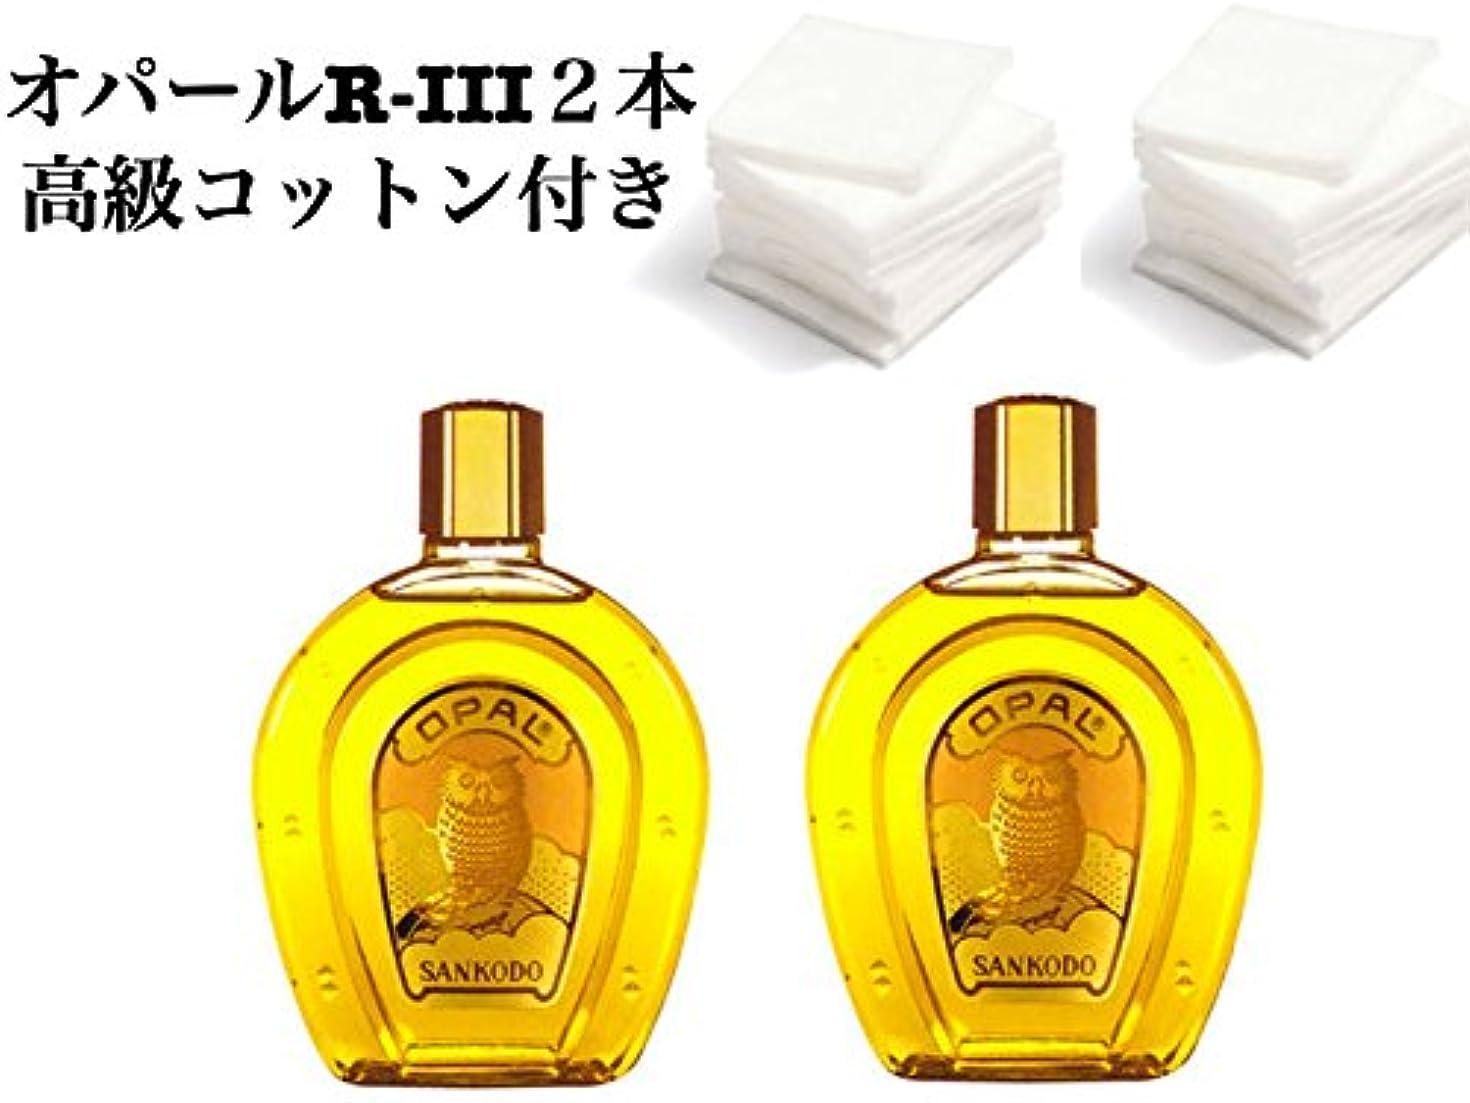 ドライバ十分酸化物【オパール化粧品】【2本セット】薬用オパール_R-Ⅲ (460mL)